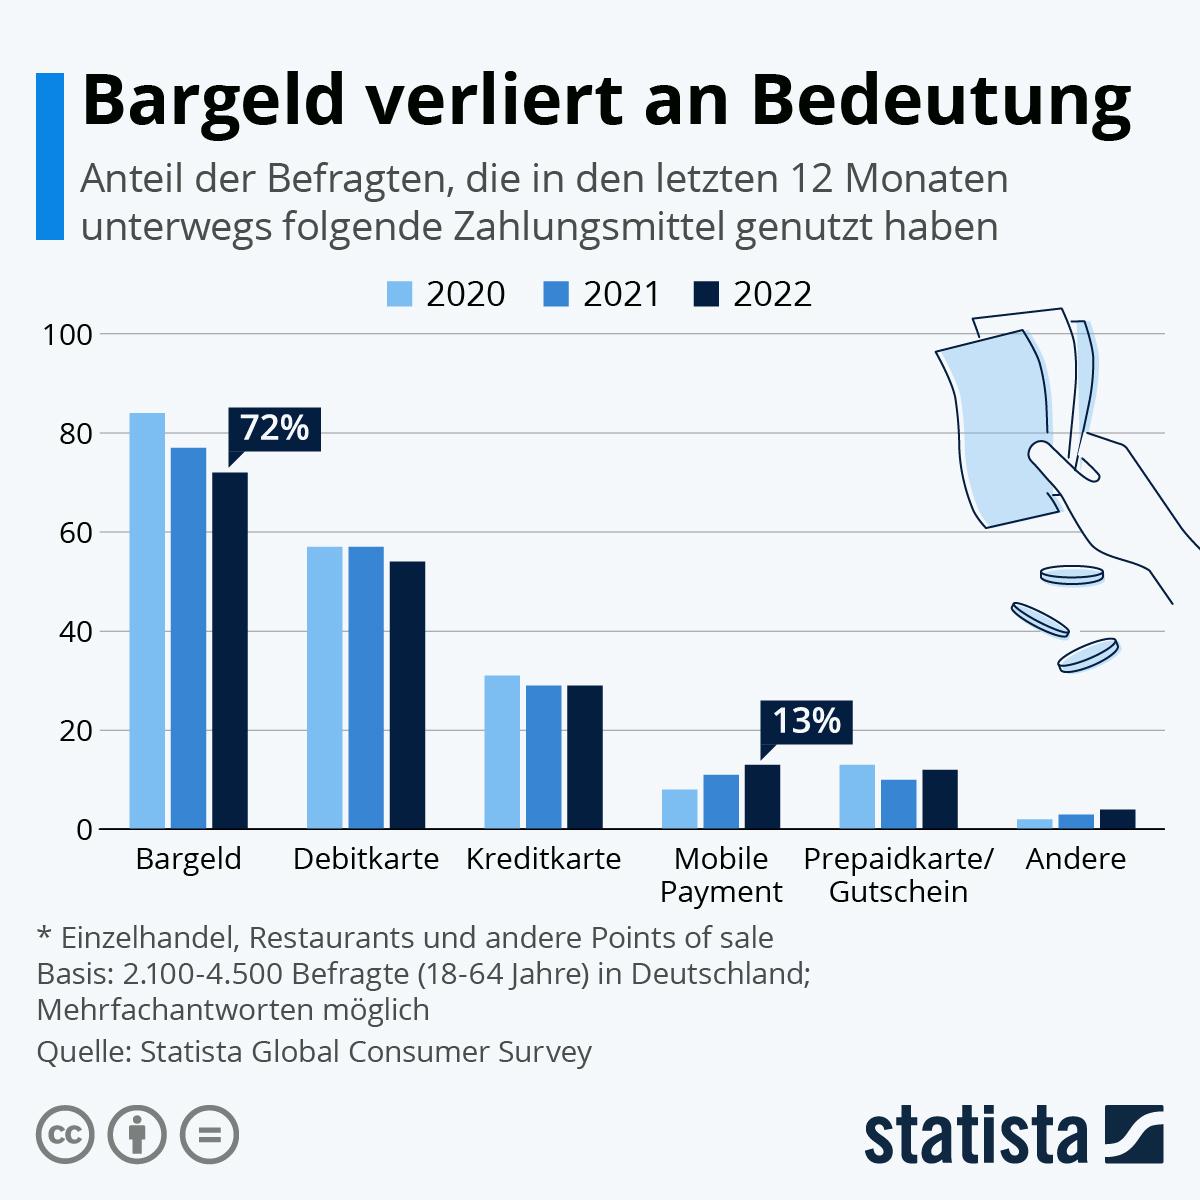 Infografik: Bargeld verliert an Bedeutung (aber nur ein bisschen)   Statista